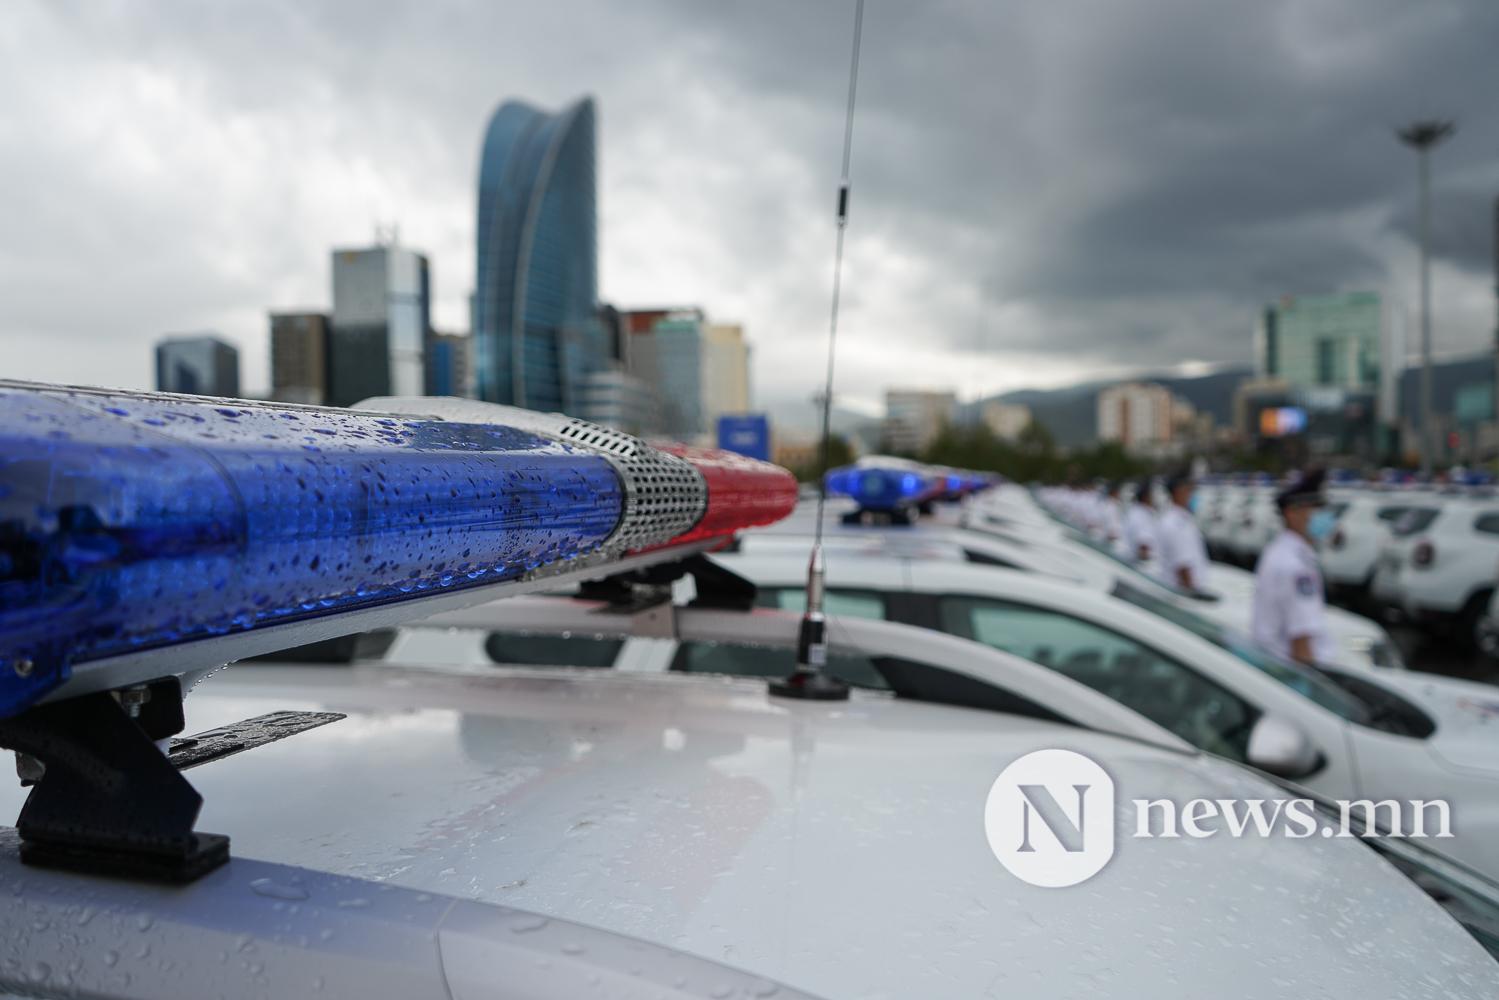 Нийслэлийн эрүүл мэнд, цагдаагийн байгууллагад 92 автомашин гардуулж байна (44 of 45)